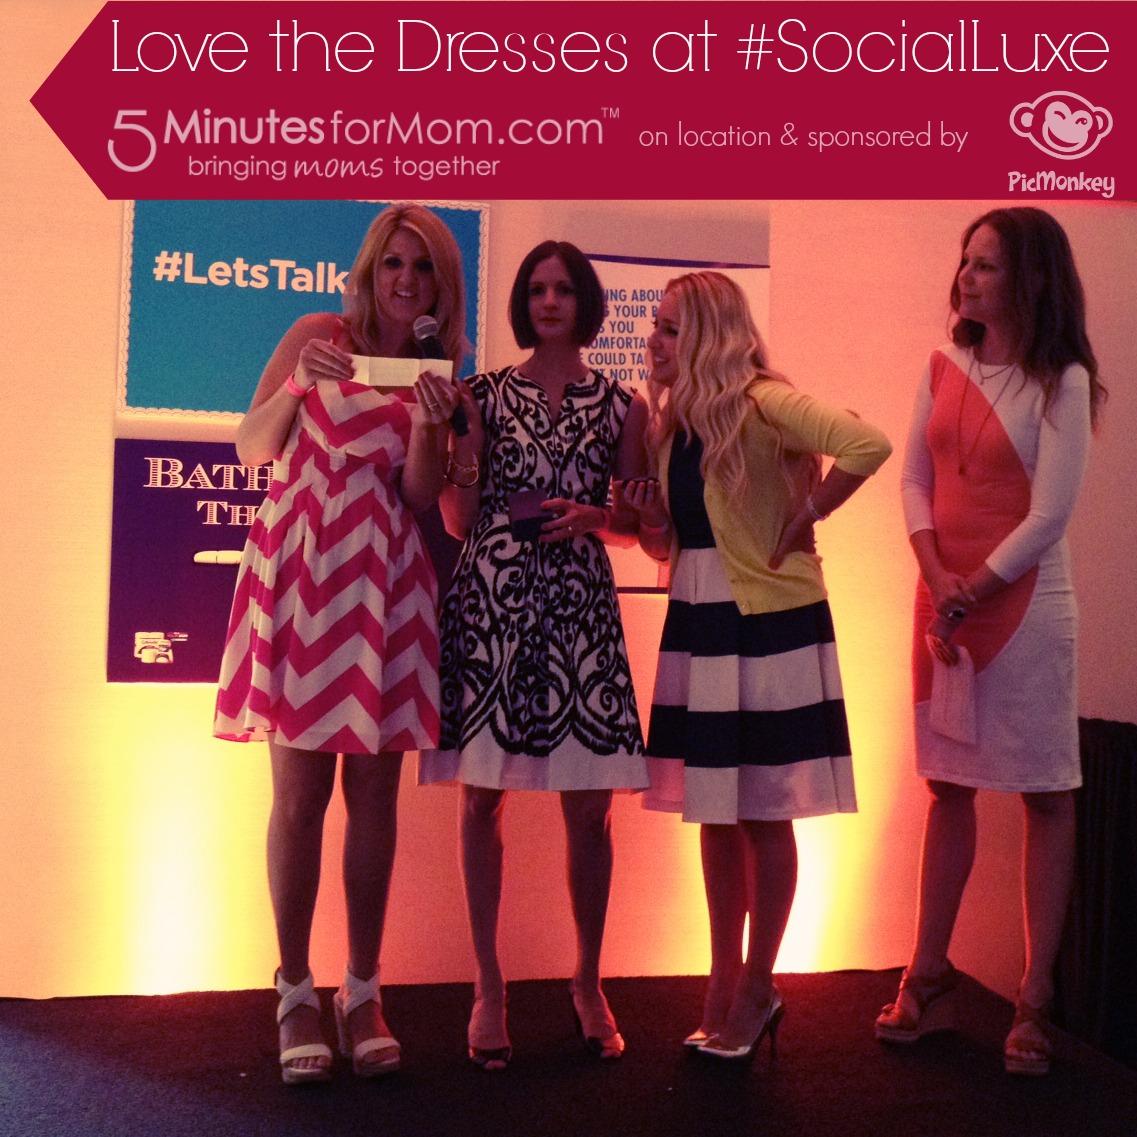 socialluxe-dresses